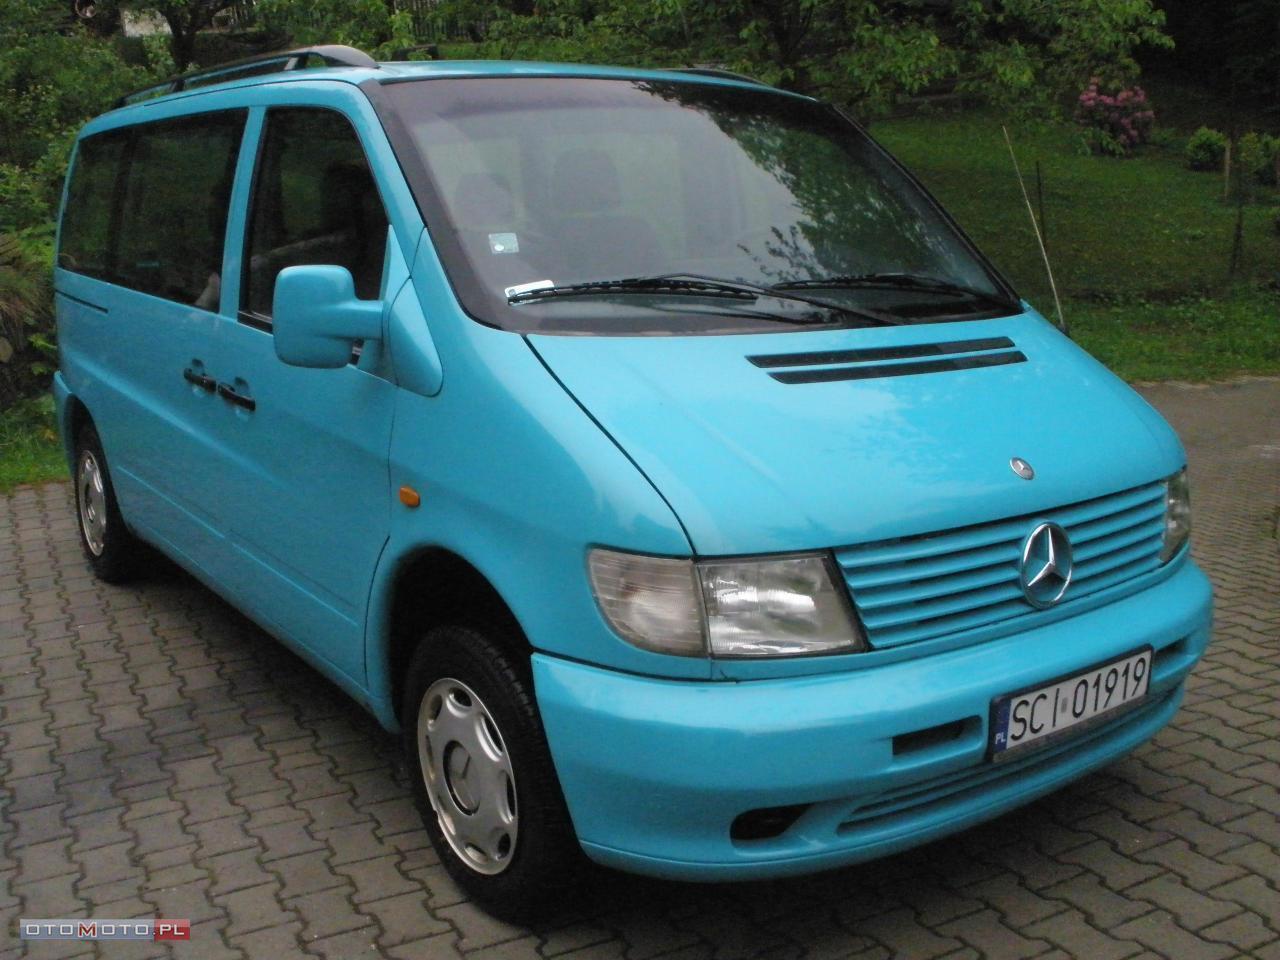 Mercedes-Benz Vito kupiony w Polsce I właścicie